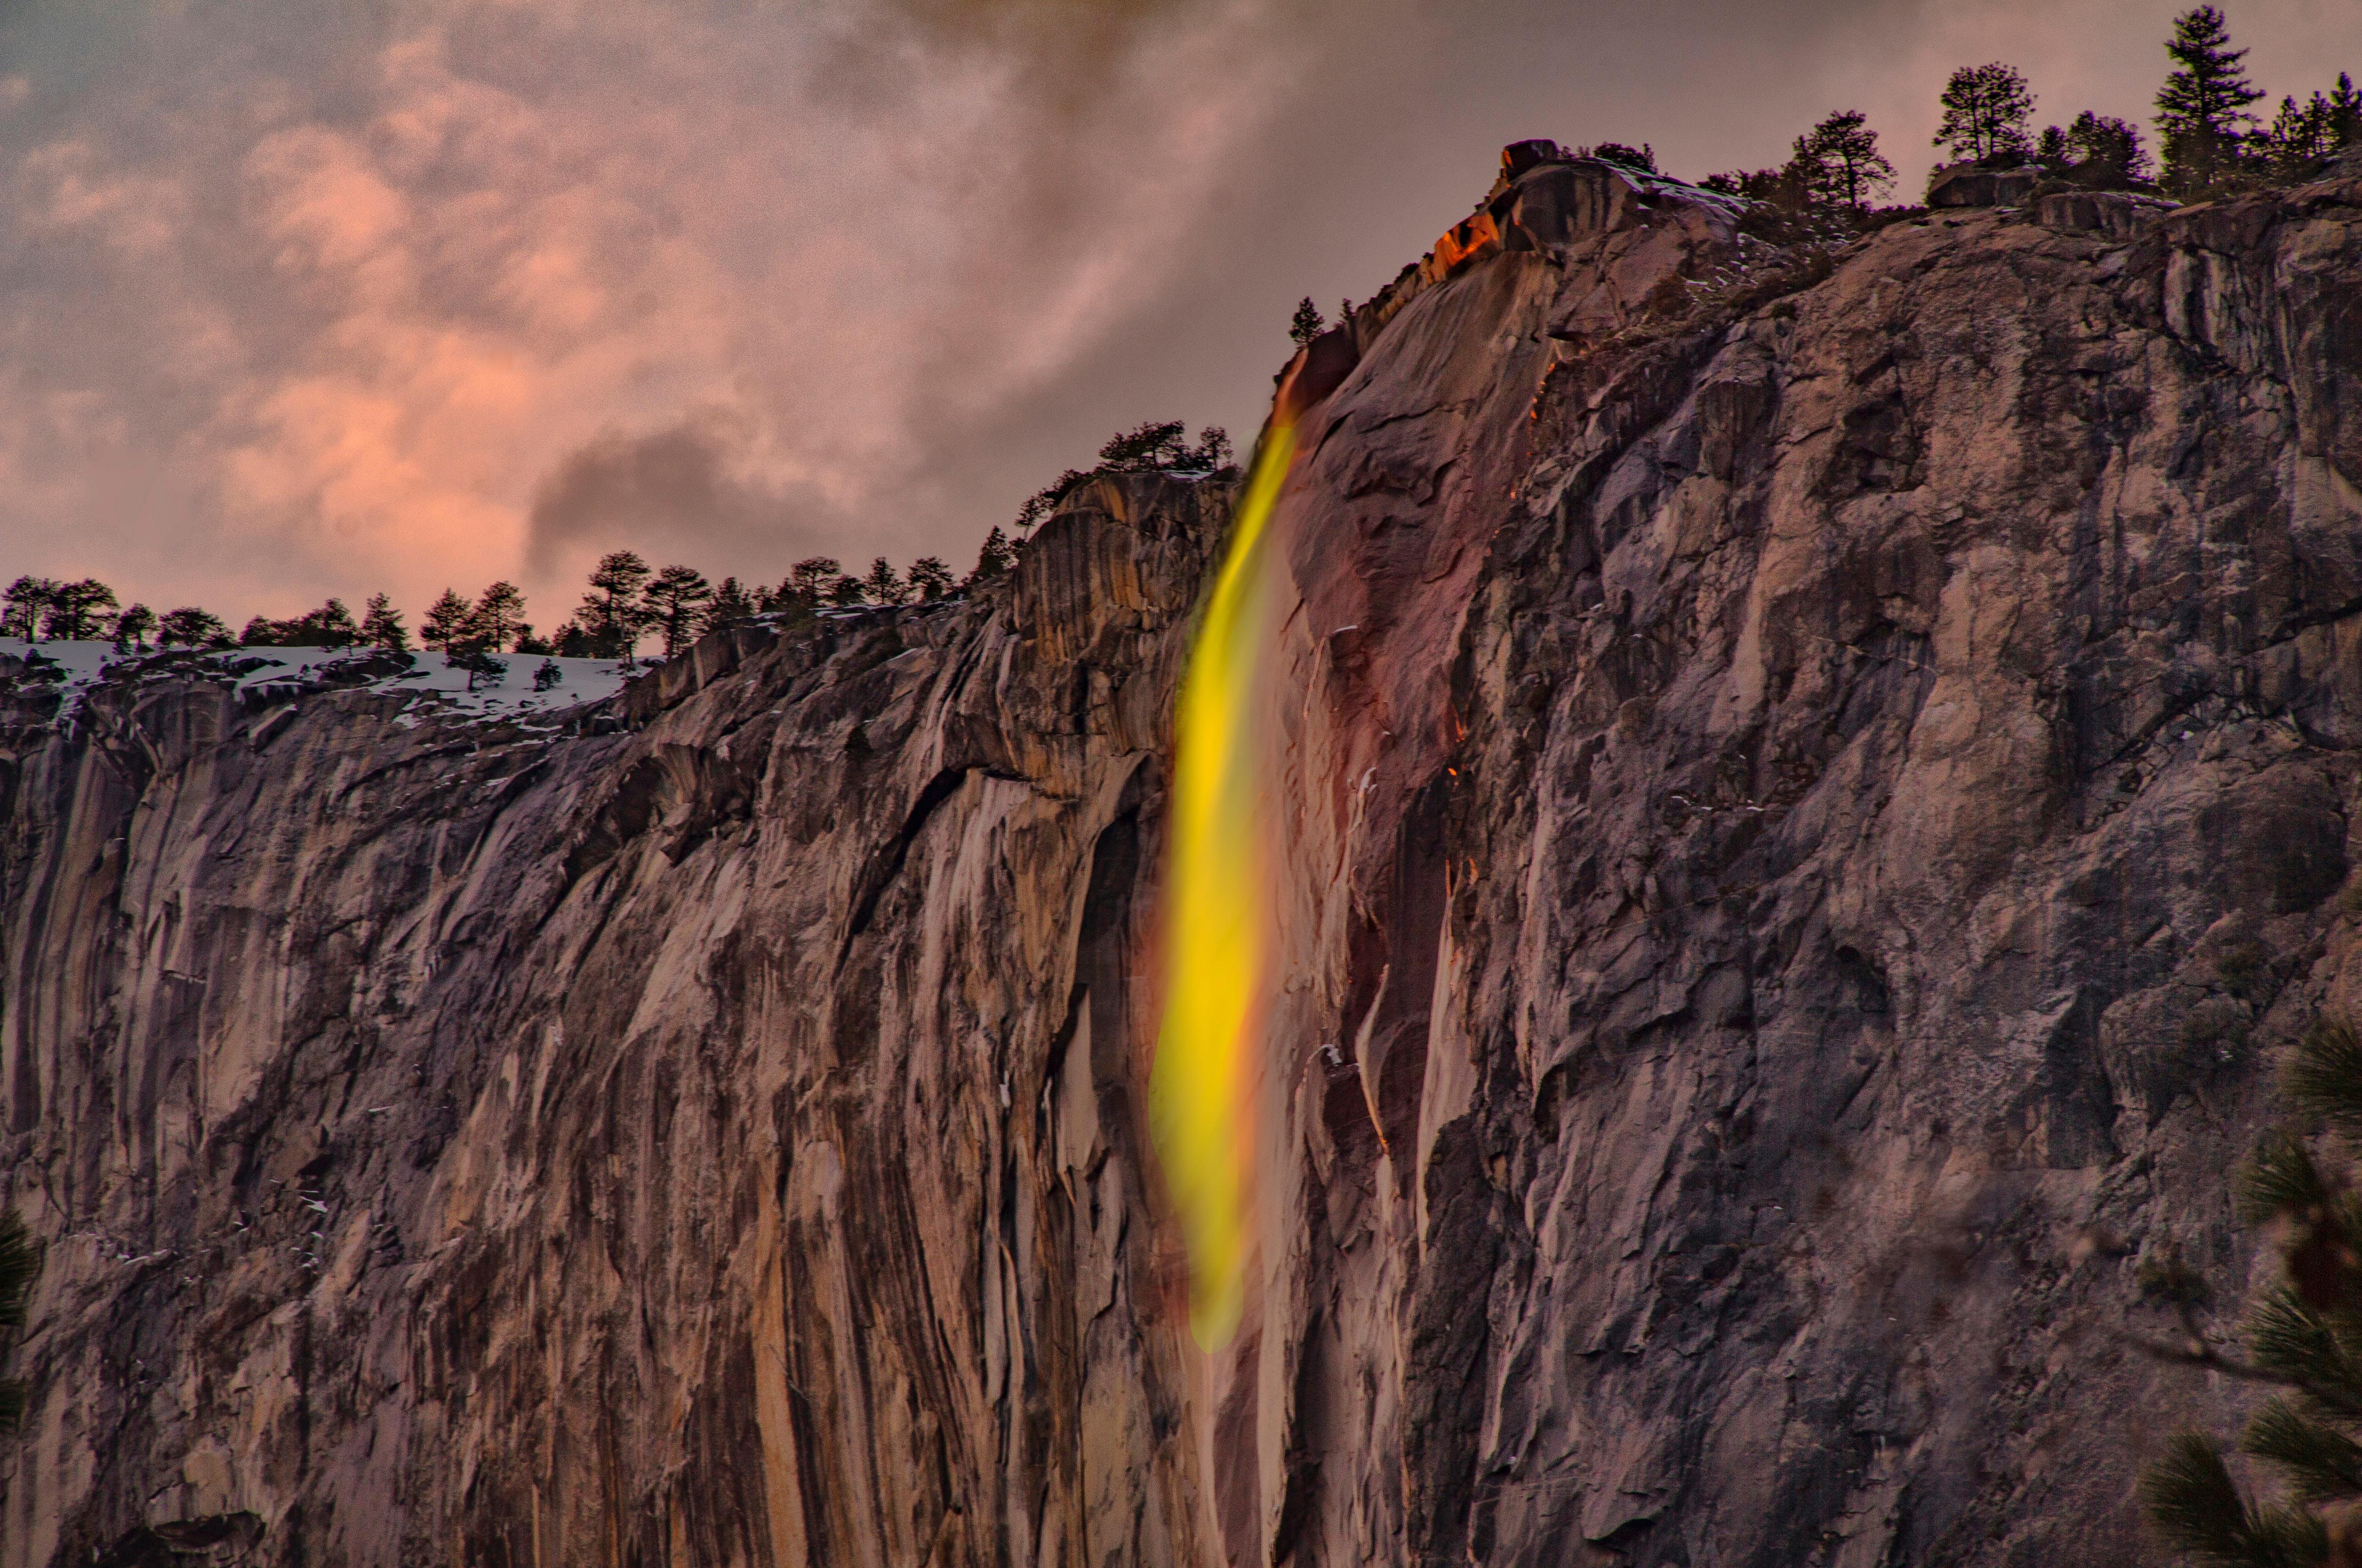 waterfalls under white sky 1574937653 - Waterfalls Under White Sky -